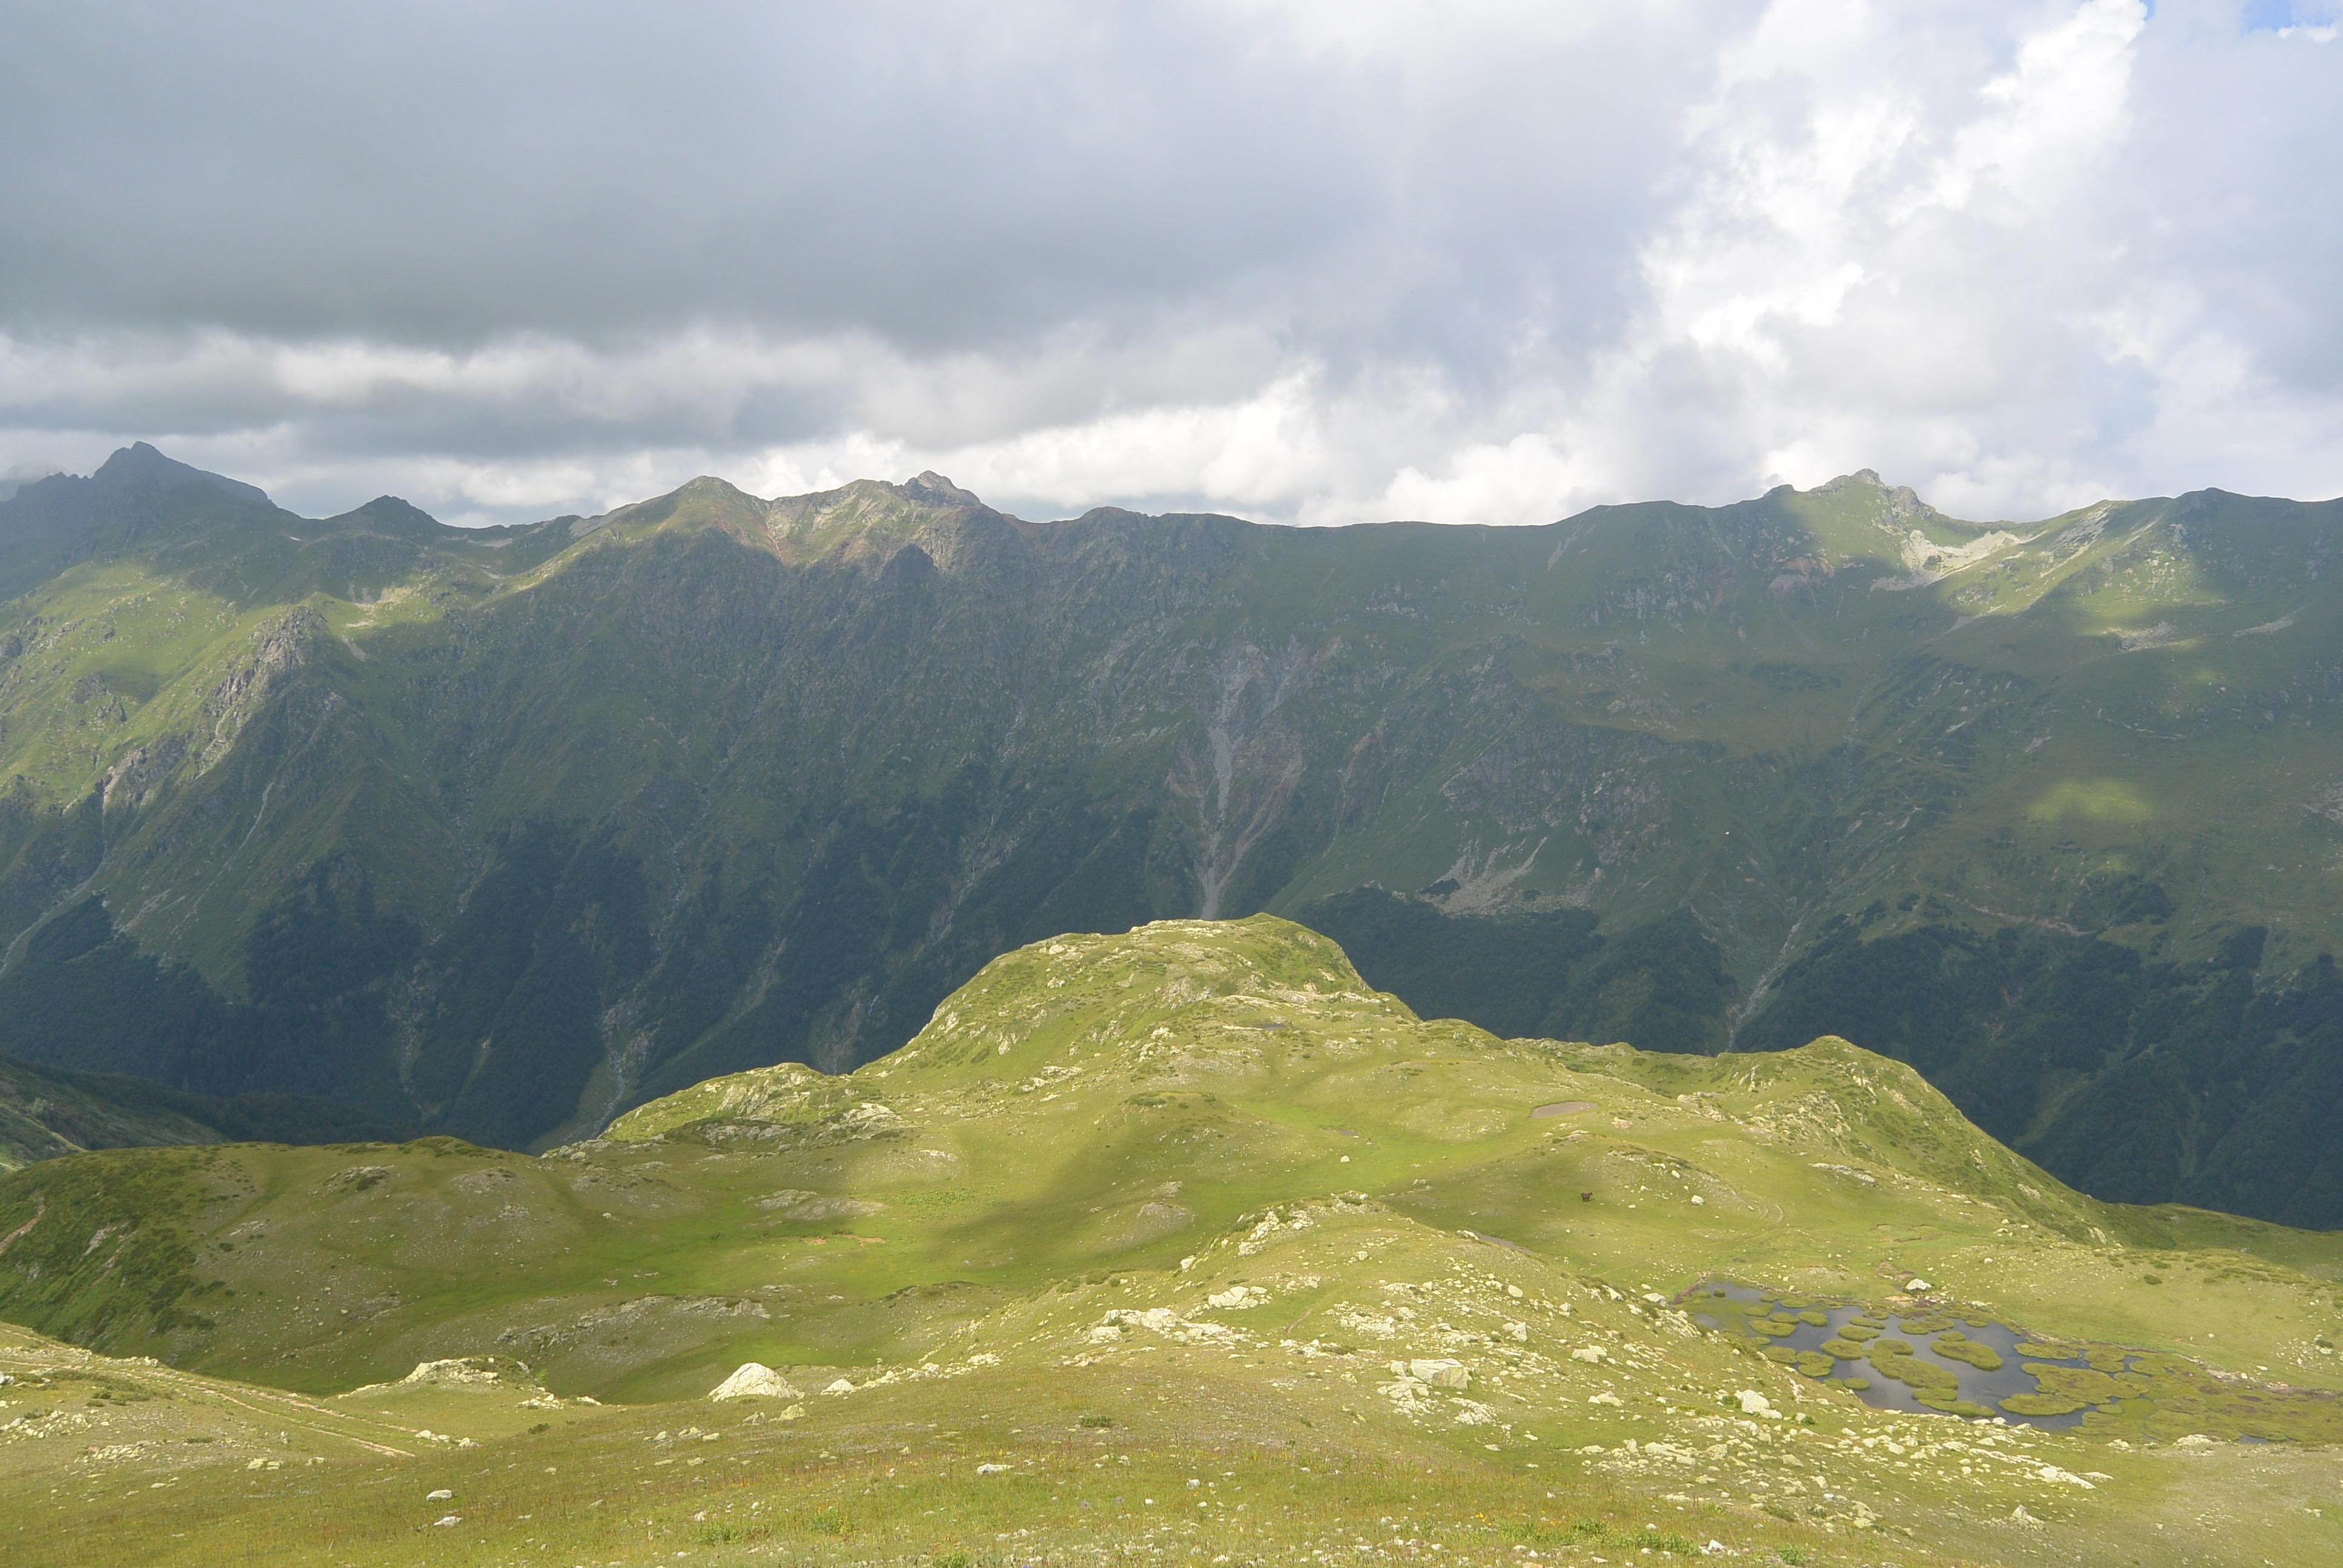 Семь озер и перевал Дамхурц